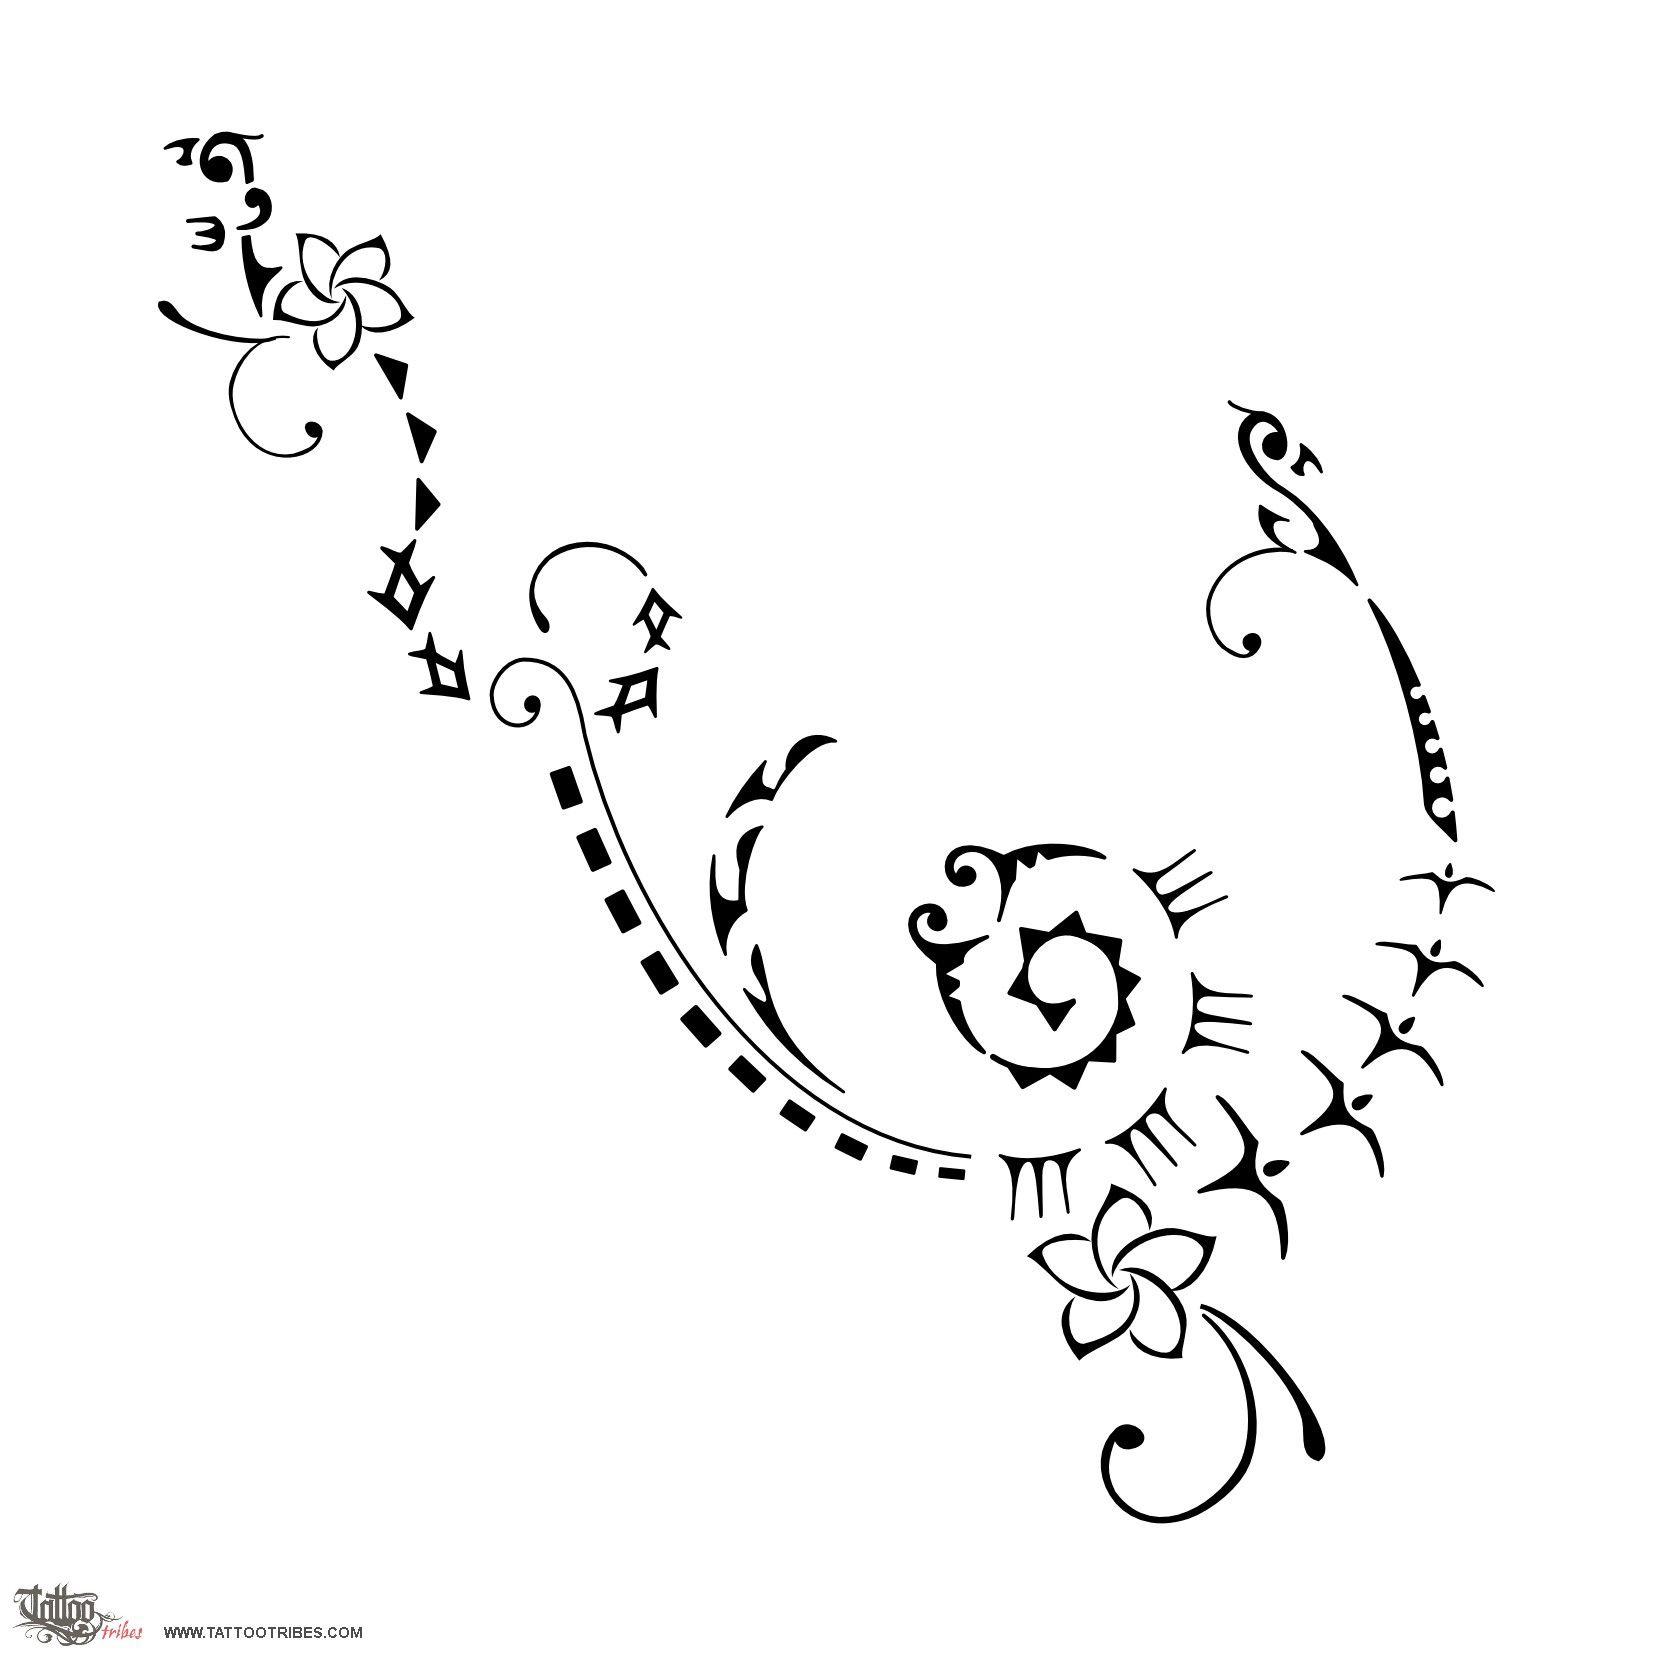 tatuaggio di forza interiore rinascita tattoo custom